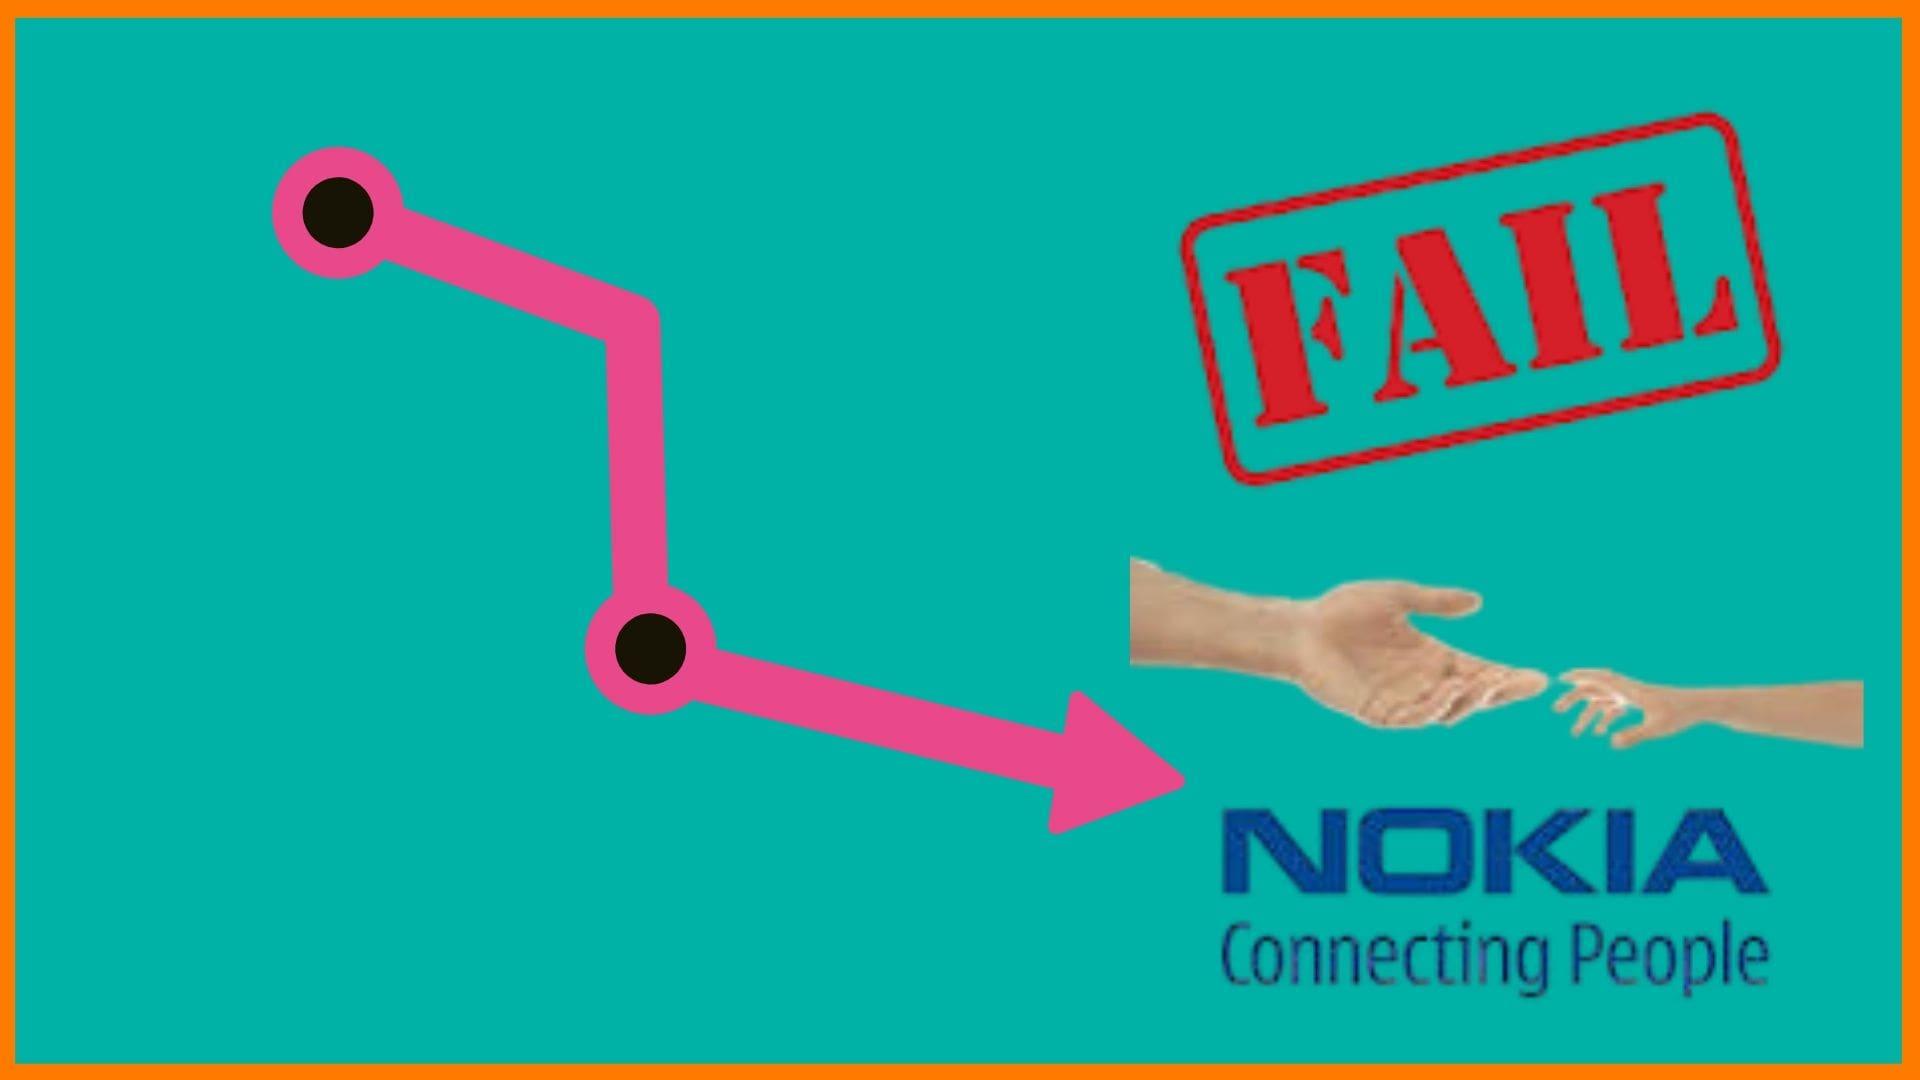 Why Nokia Failed